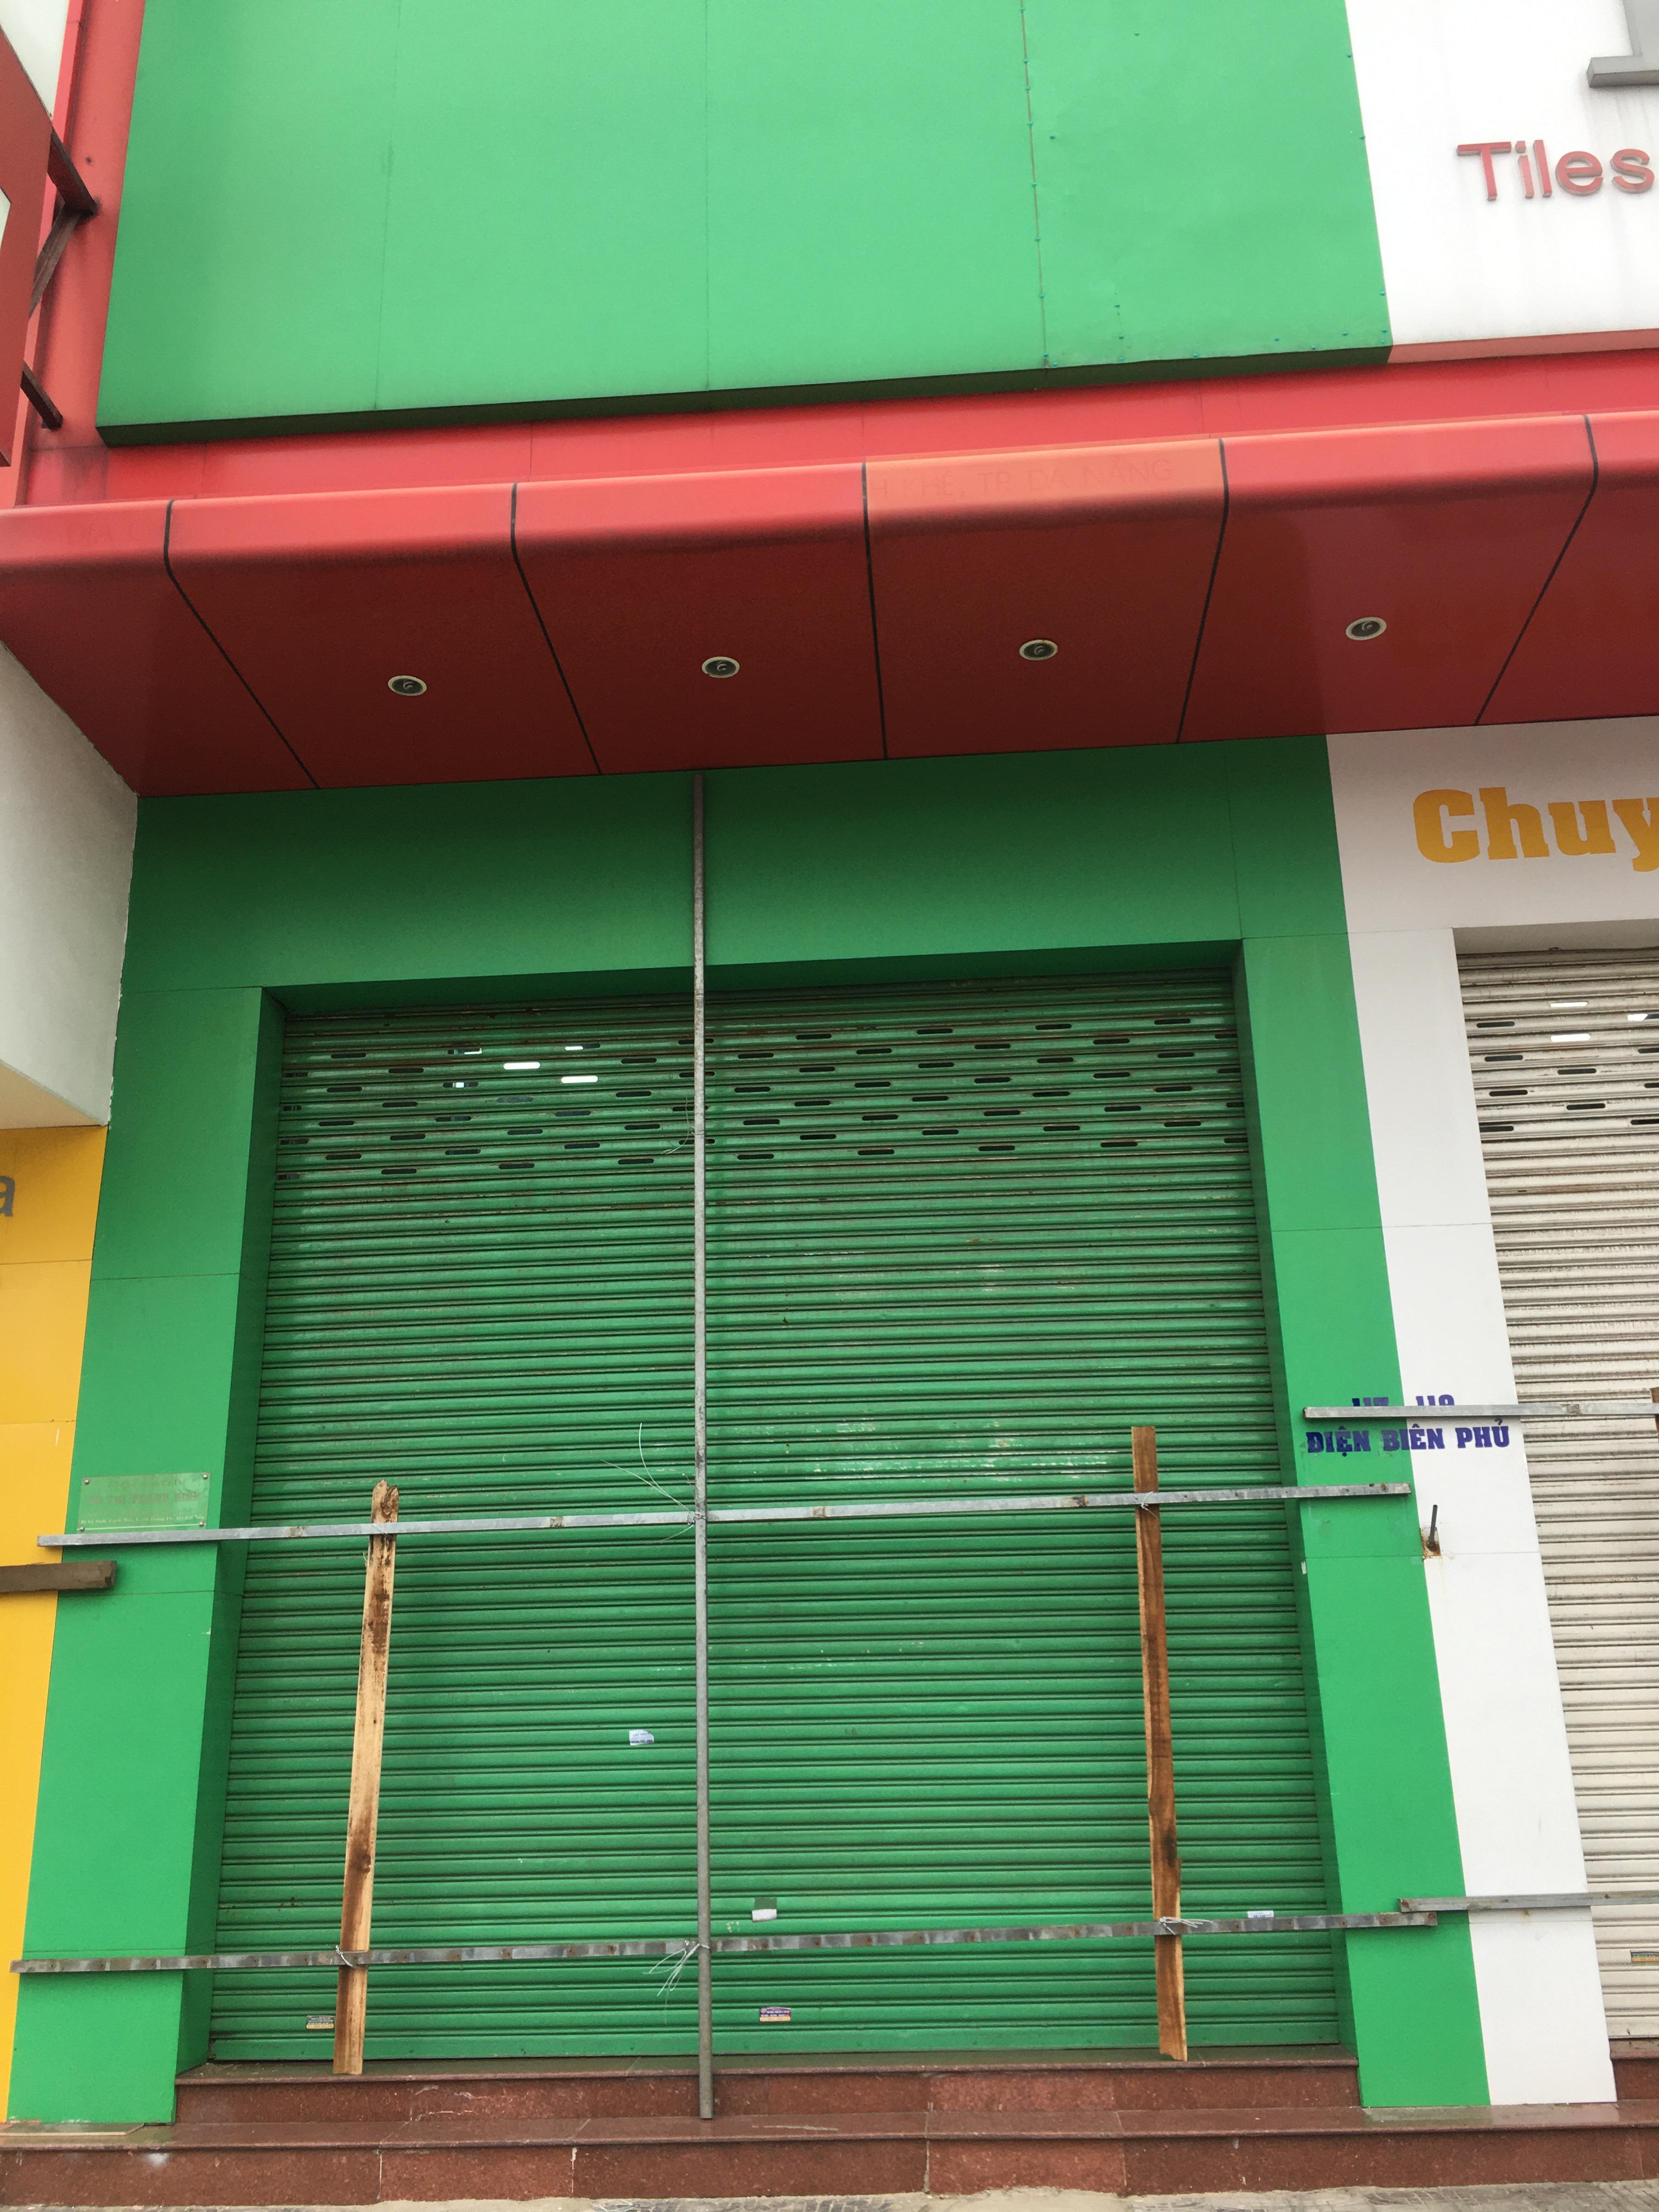 Bão số 9: Trụ ATM, ngân hàng ở Đà Nẵng tạm ngừng giao dịch, hàng loạt cửa hàng chèn chống trụ sở bằng hàng chục thanh sắt, gỗ loại lớn - Ảnh 12.